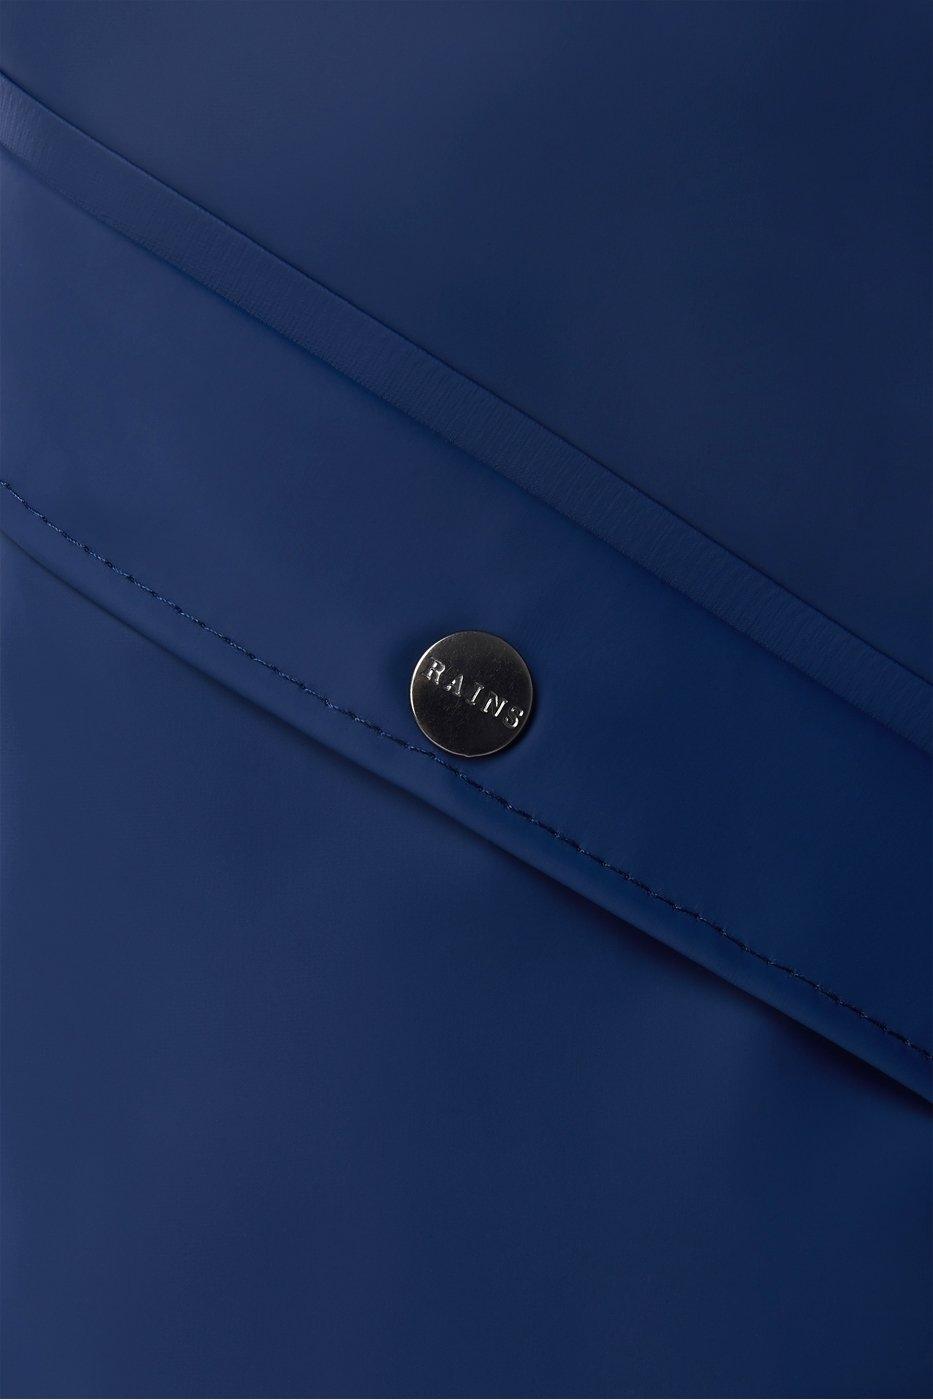 Rains Long Jacket true blue unisex S/M